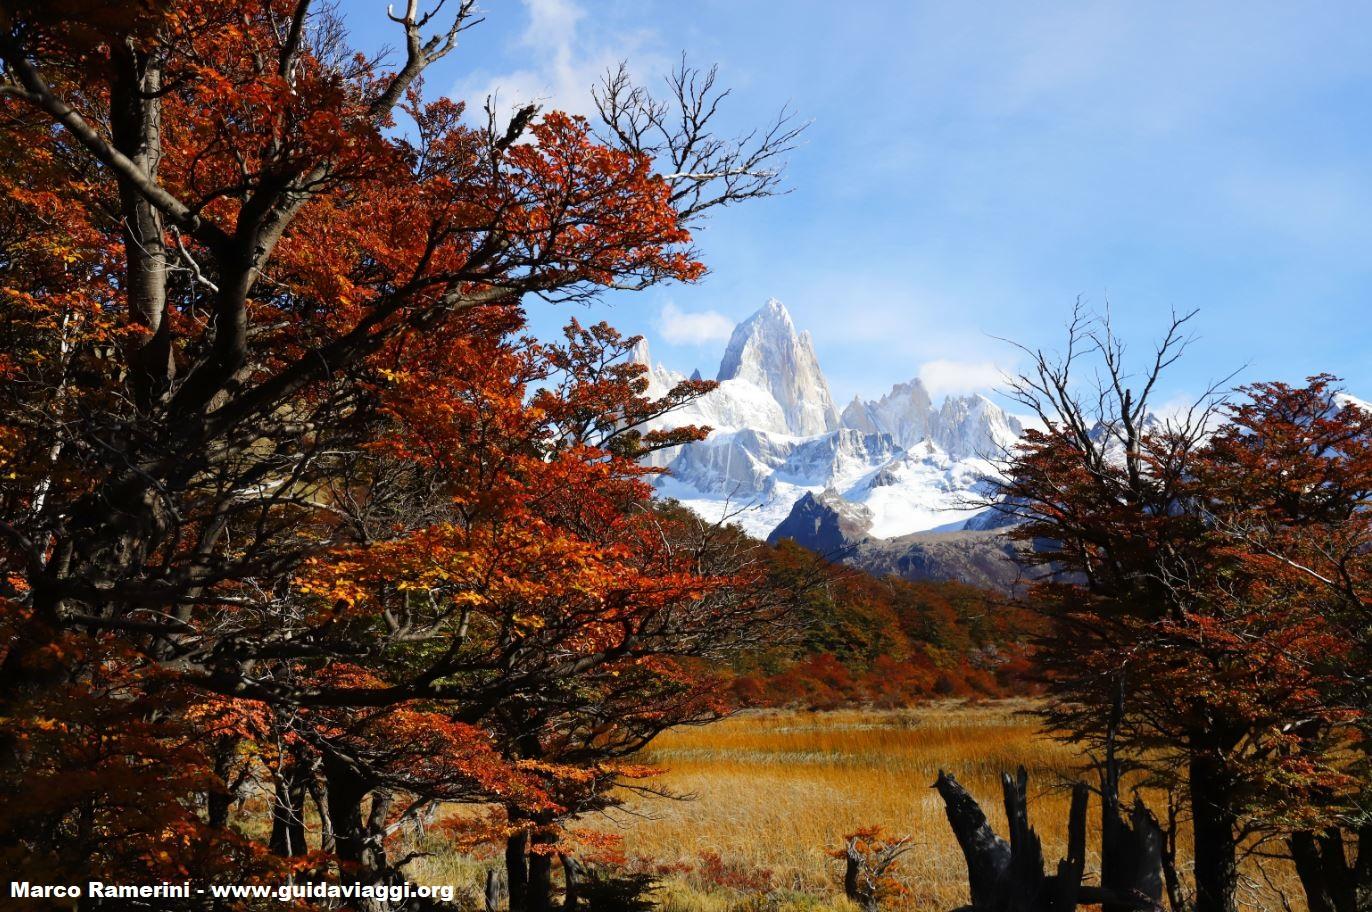 Autunno in Patagonia con il Monte Fitz Roy, Parco Nazionale Los Glaciares, Argentina. Autore e Copyright Marco Ramerini